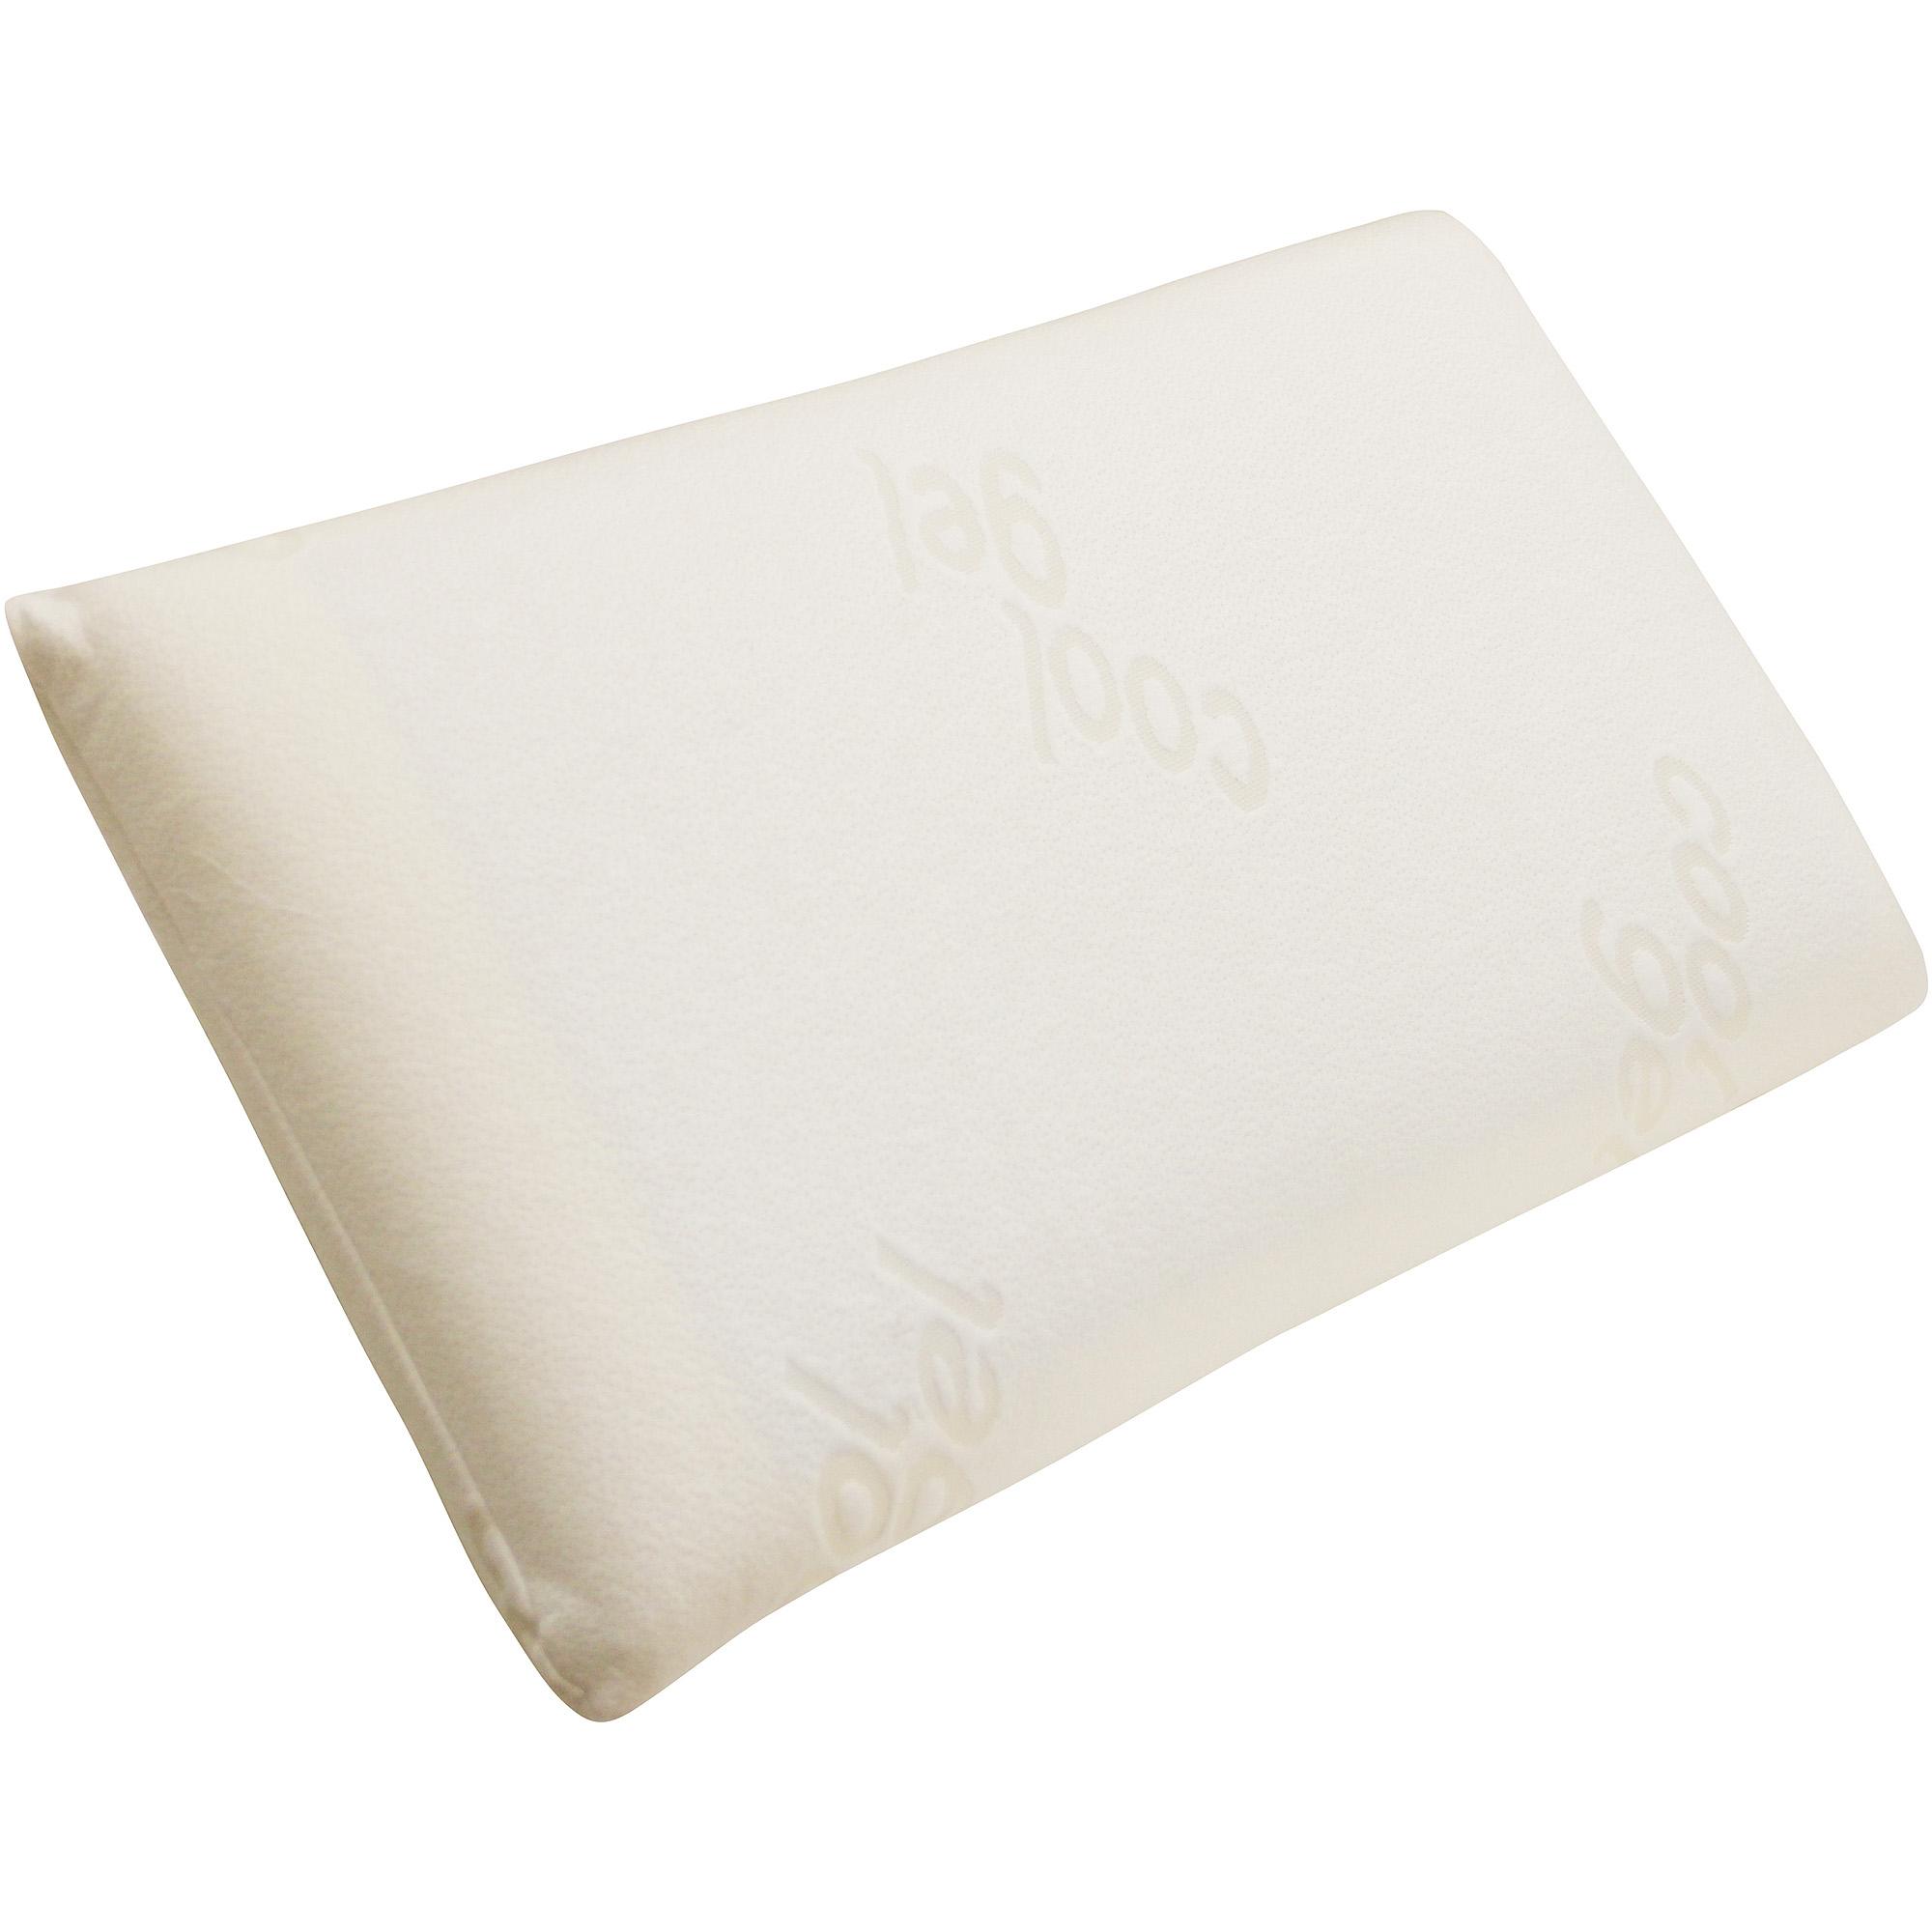 Modern Sleep Cool Gel Memory Foam Pillow